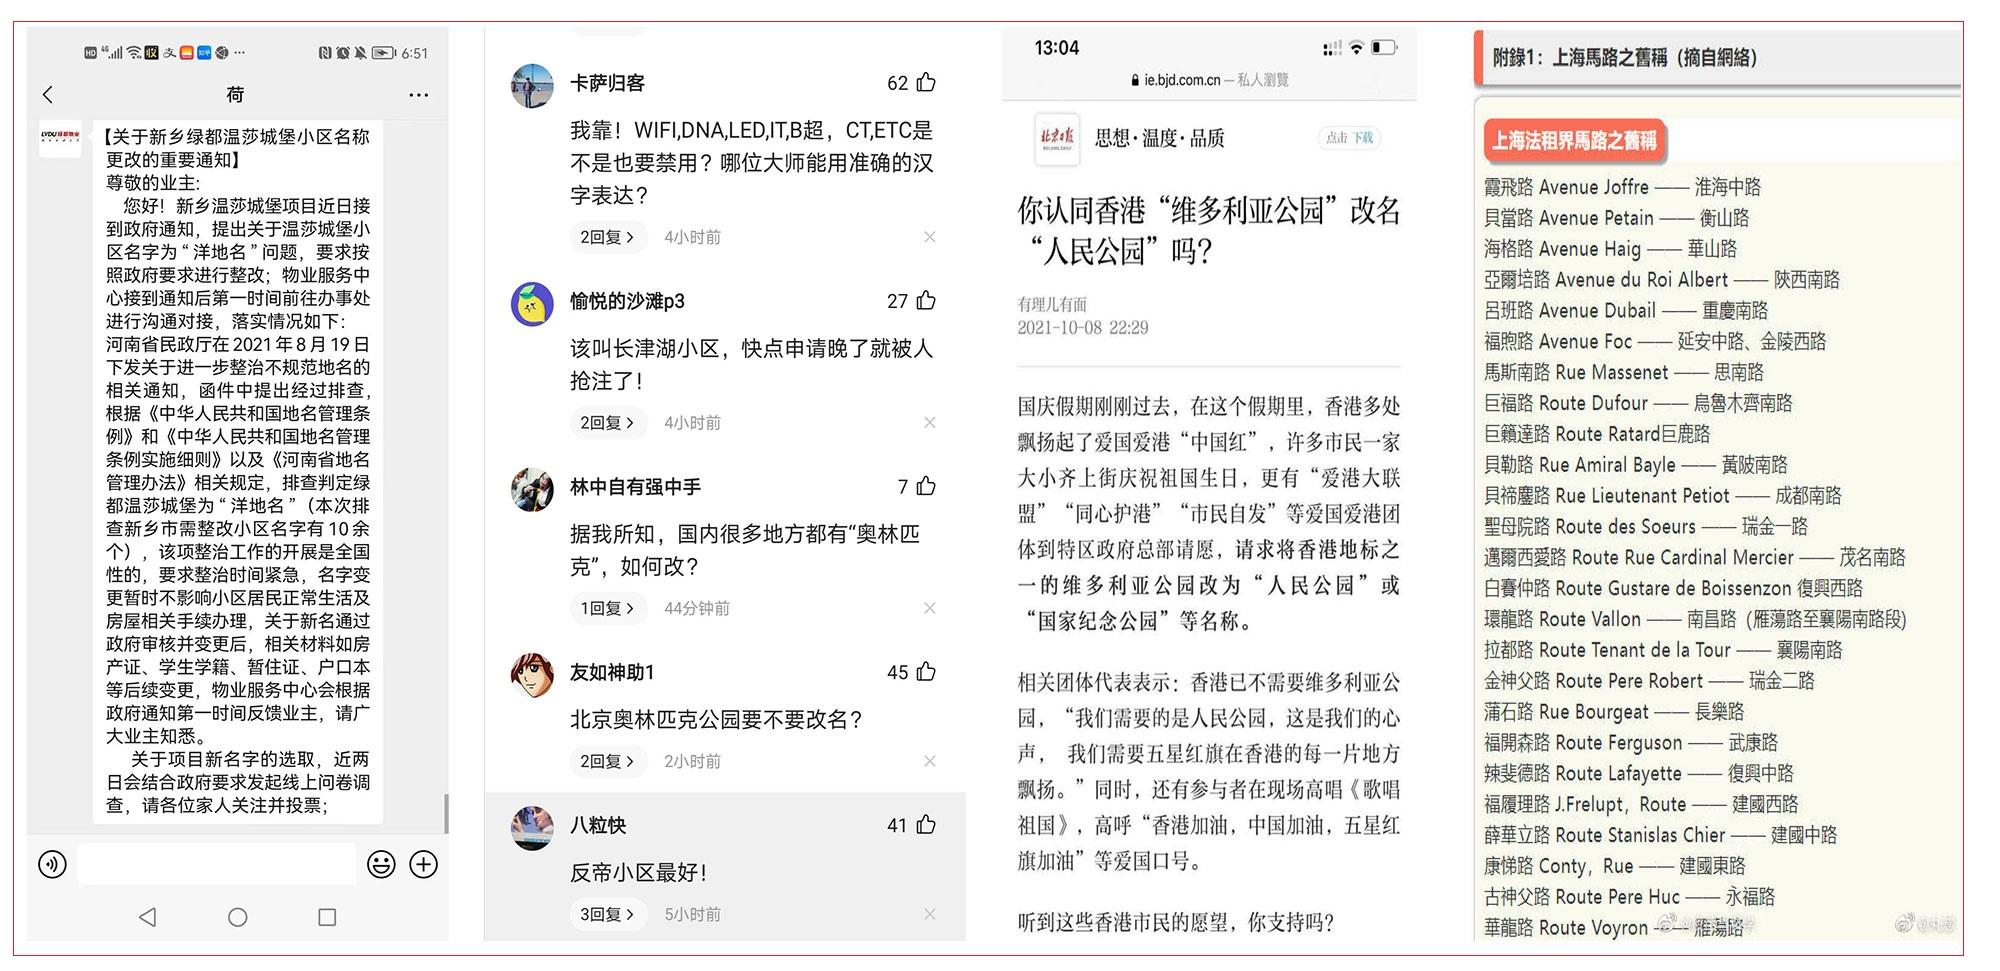 """左一:新乡绿都温莎城堡小区的业主接到政府通知,业主投票选新名称。  左二:中国网民再聊天群热议改""""洋地名""""。  右一:中国官媒对香港""""维多利亚公园""""是否要改成""""人民公园""""征求意见。 右一: 1949年中共建政后,上海的""""洋地名""""被改成带有中共政治色彩的名字。(网络图片)"""